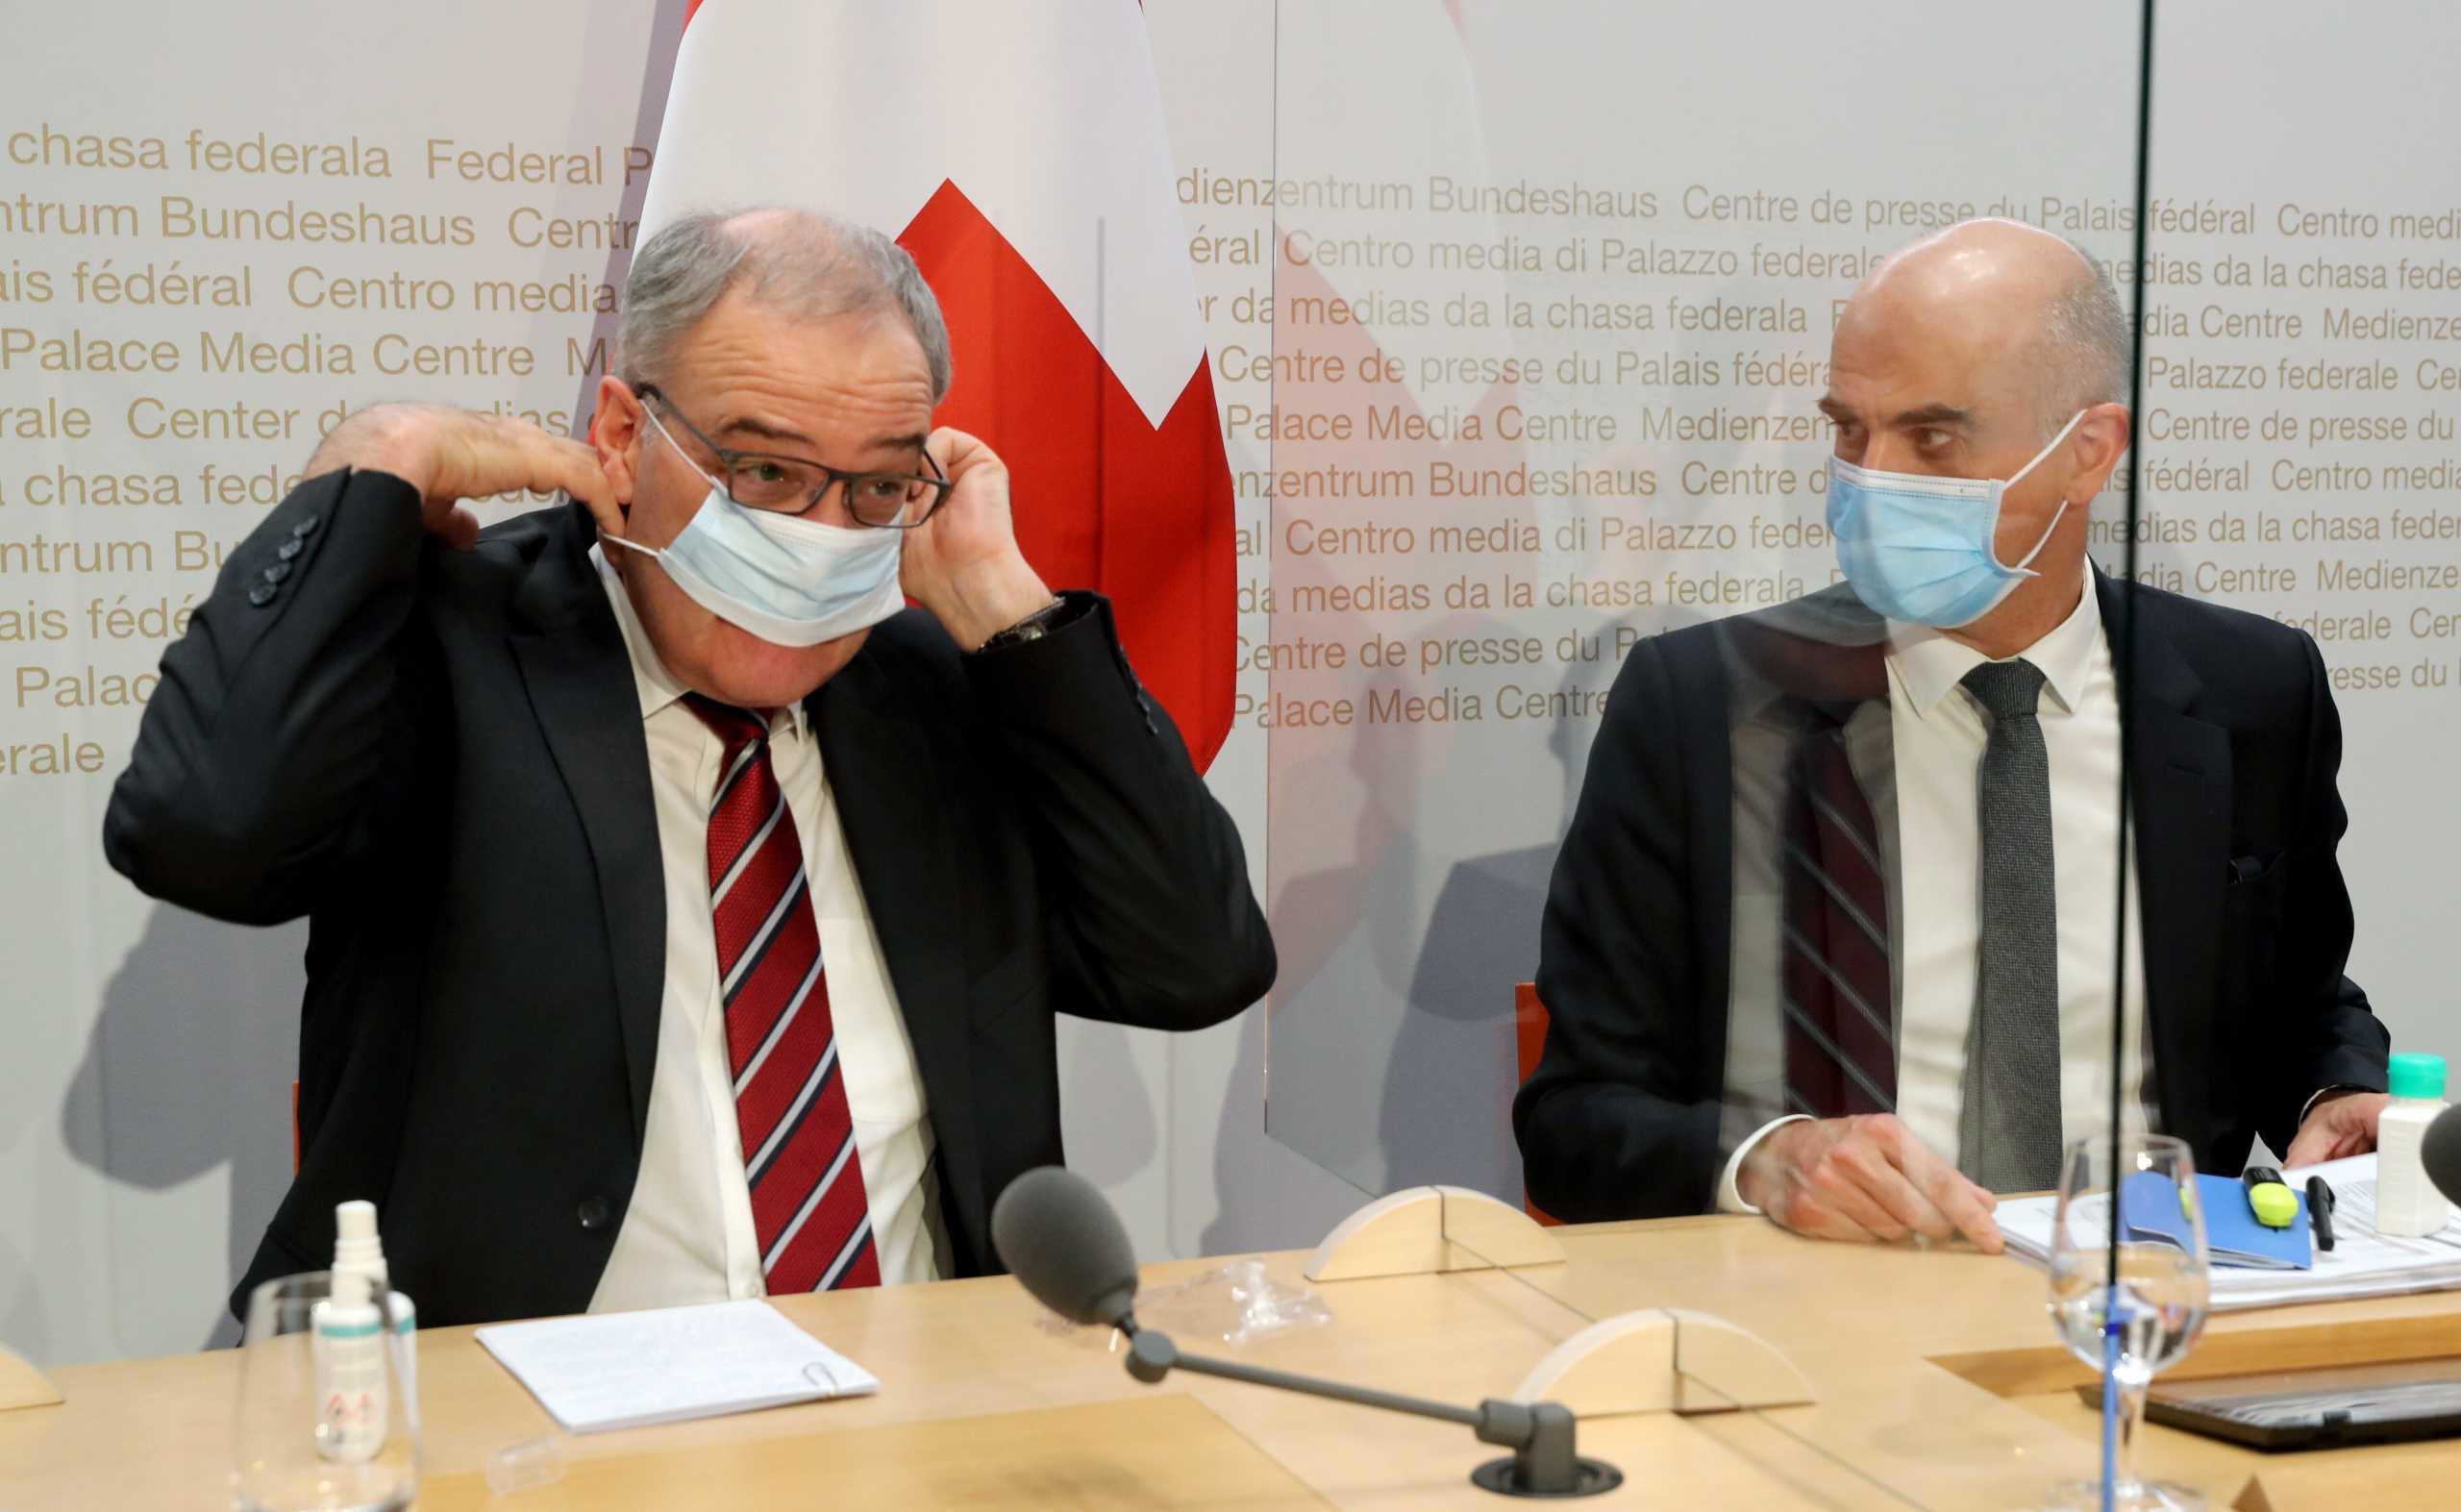 Ελβετία: Η κυβέρνηση ανακοίνωσε πιο αυστηρούς περιορισμούς αλλά όχι lockdown